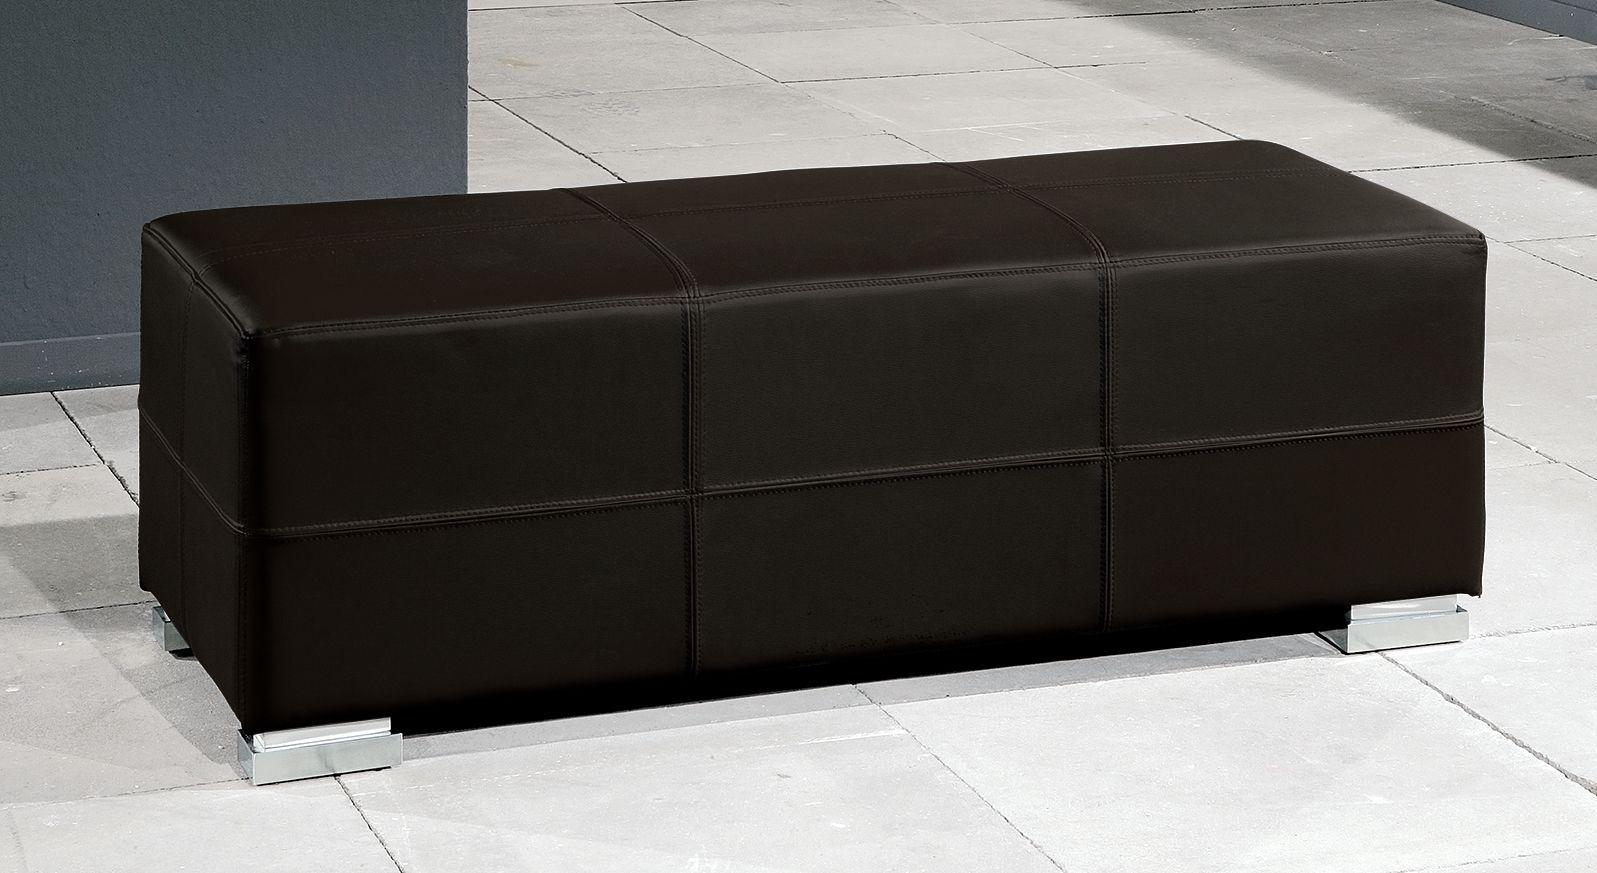 Moderne Bettbank Firenze in Kunstleder braun